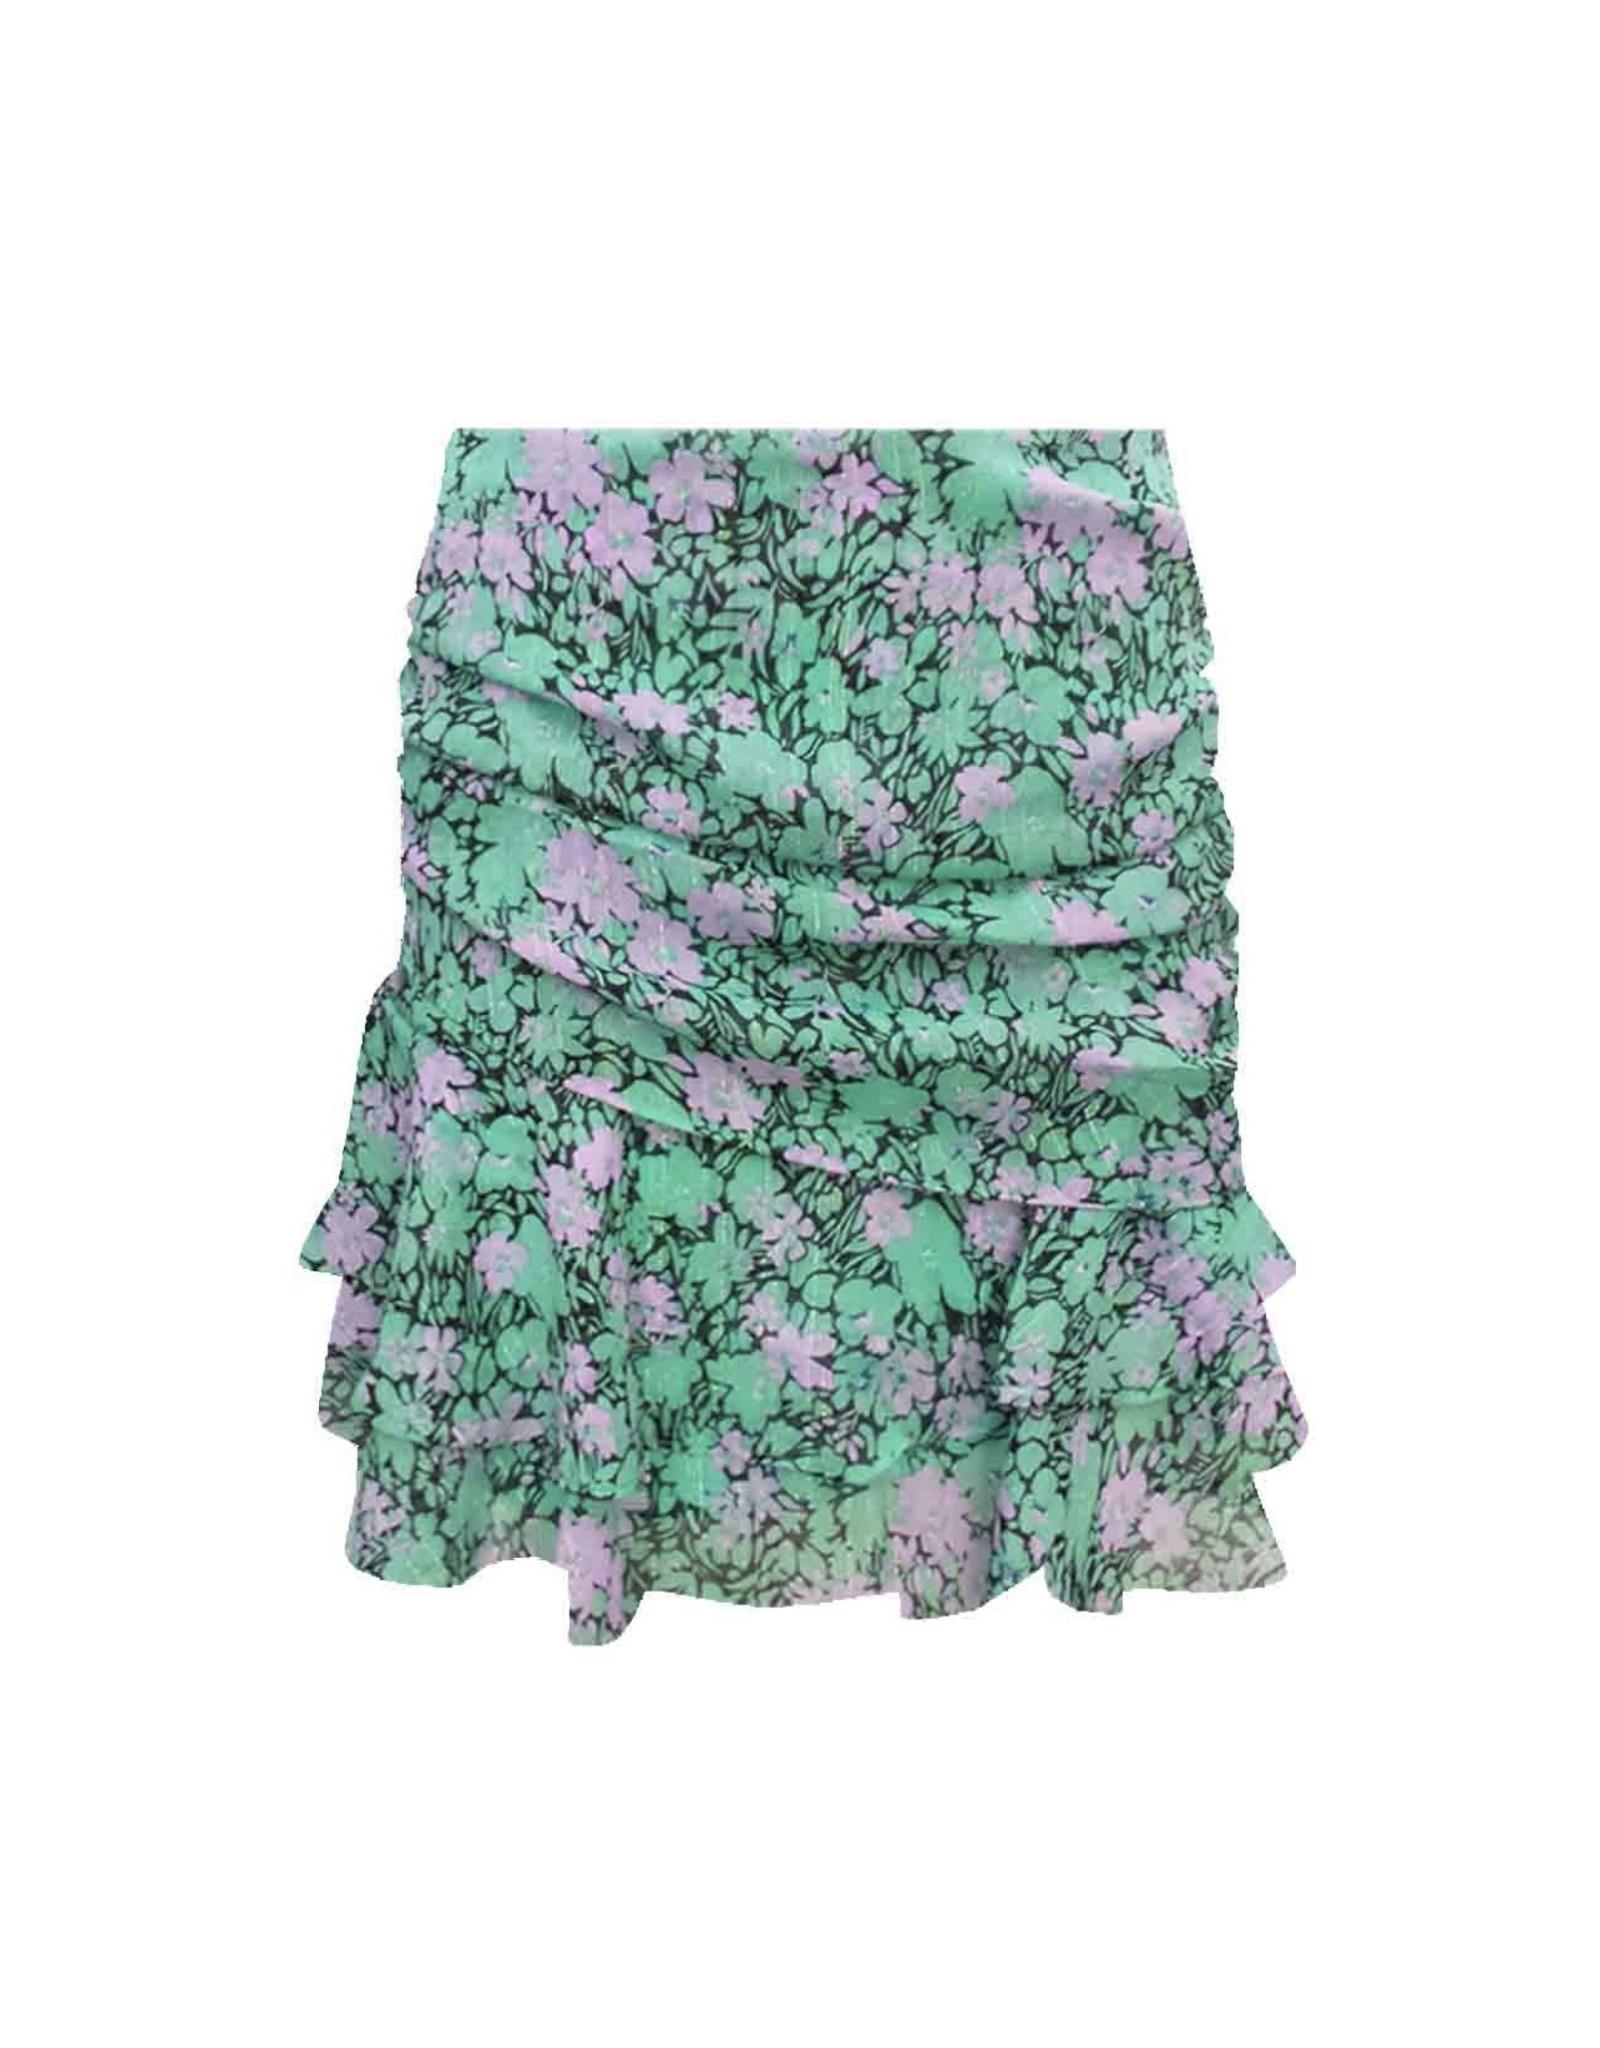 Bloemen rokje mintgroen/lila